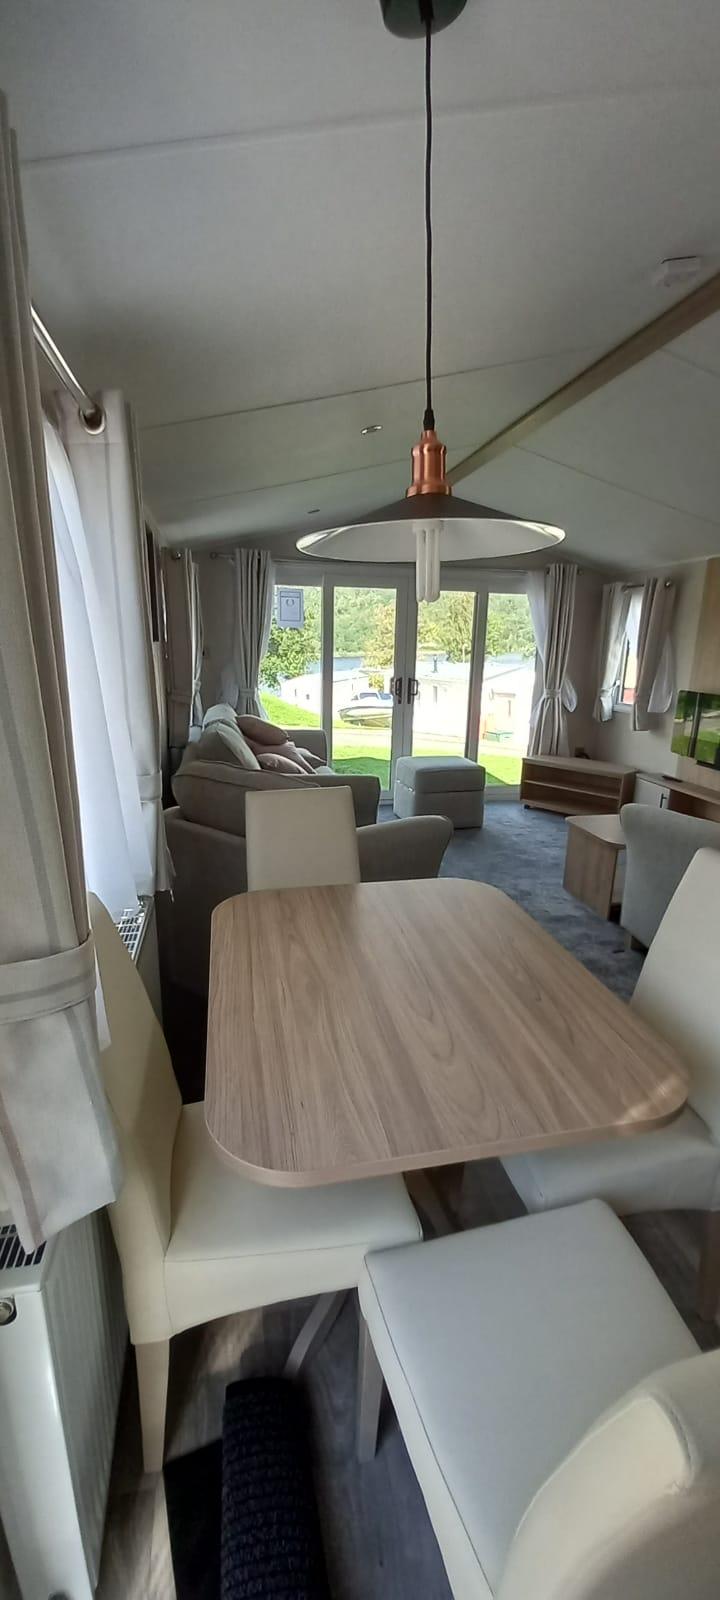 2022willerbymanor38x12-2bedroom-2